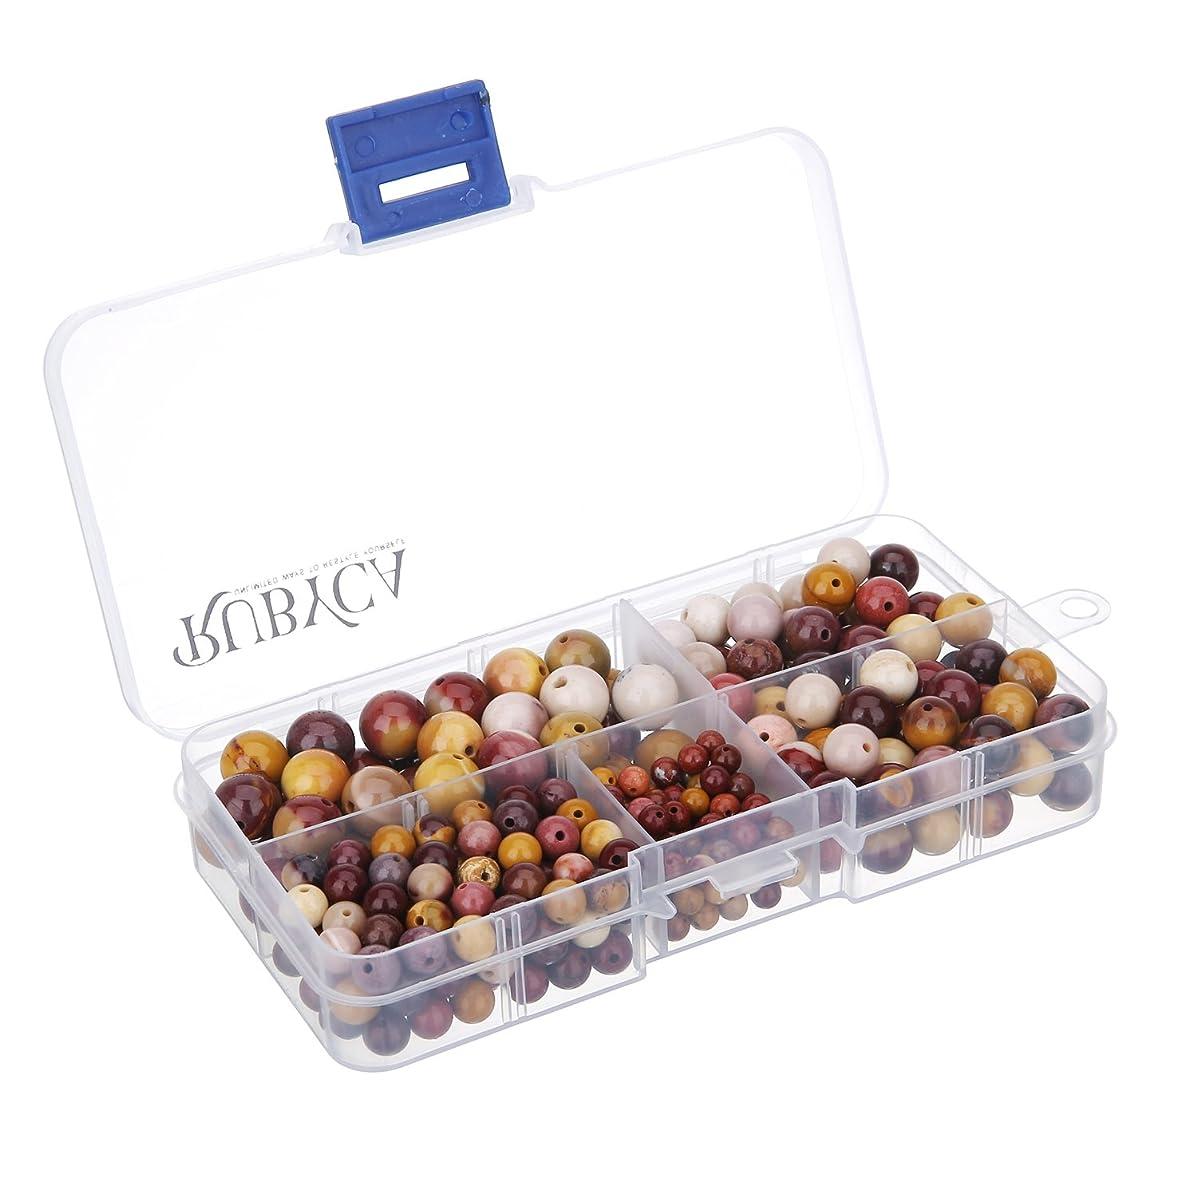 RUBYCA Natural Mookaite Jasper Gemstone Round Loose Beads Organizer Box DIY Jewelry Making Mix Sizes